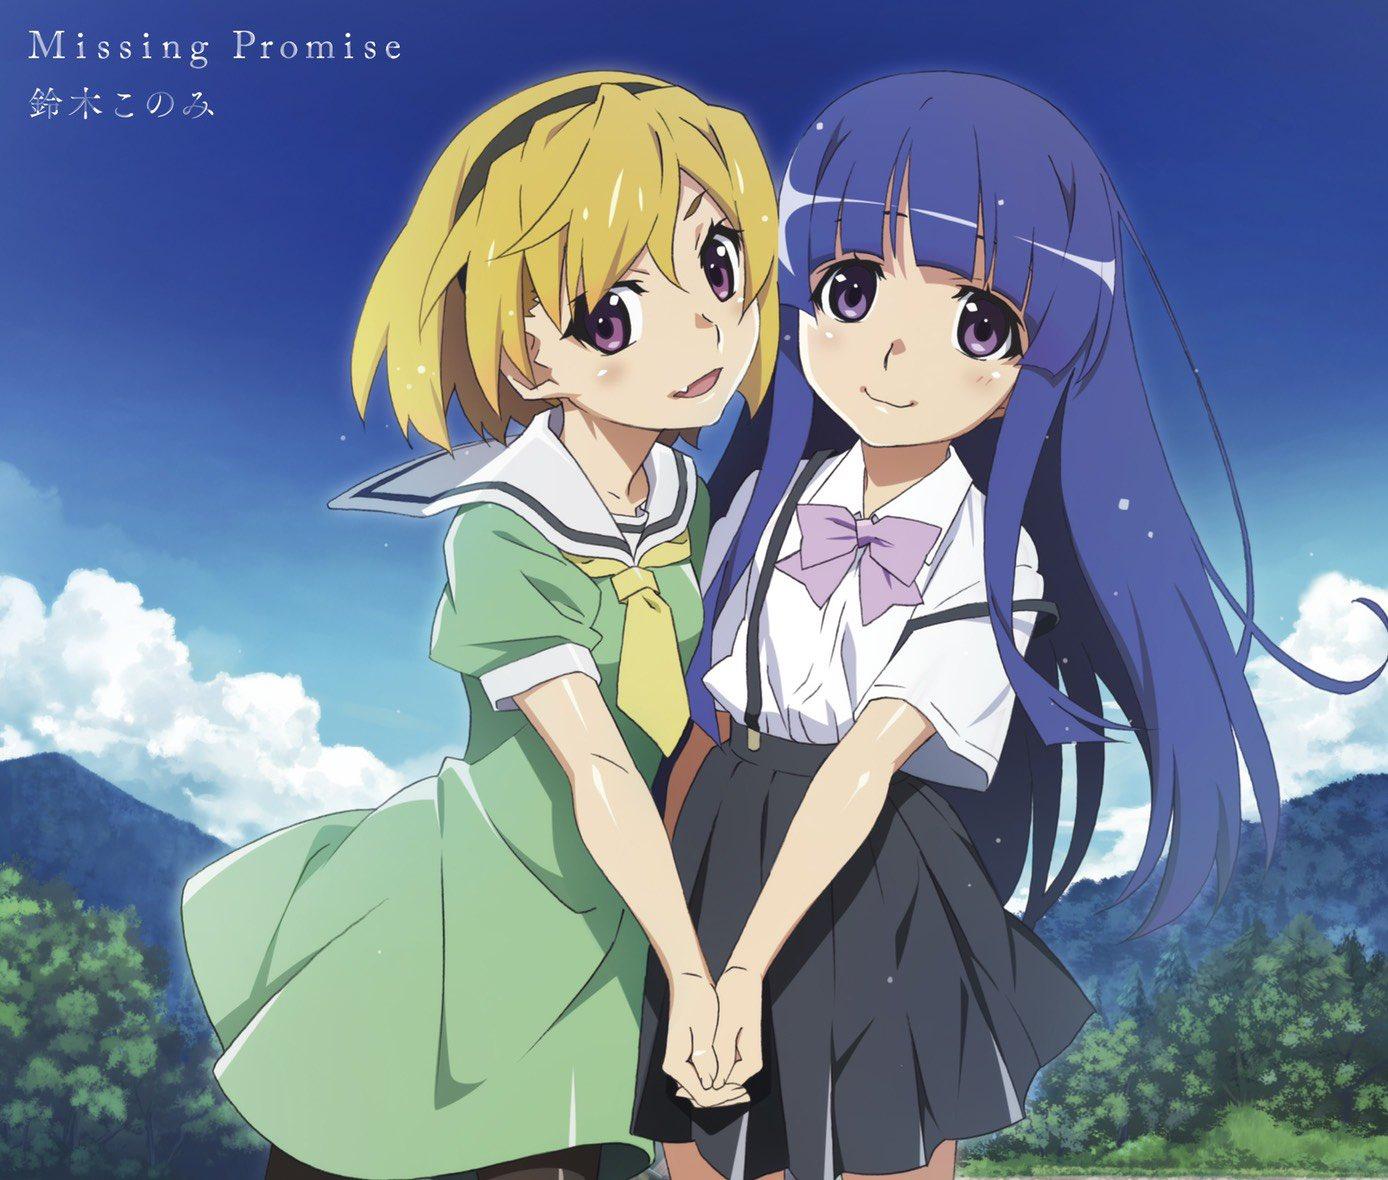 鈴木このみ - Missing Promise